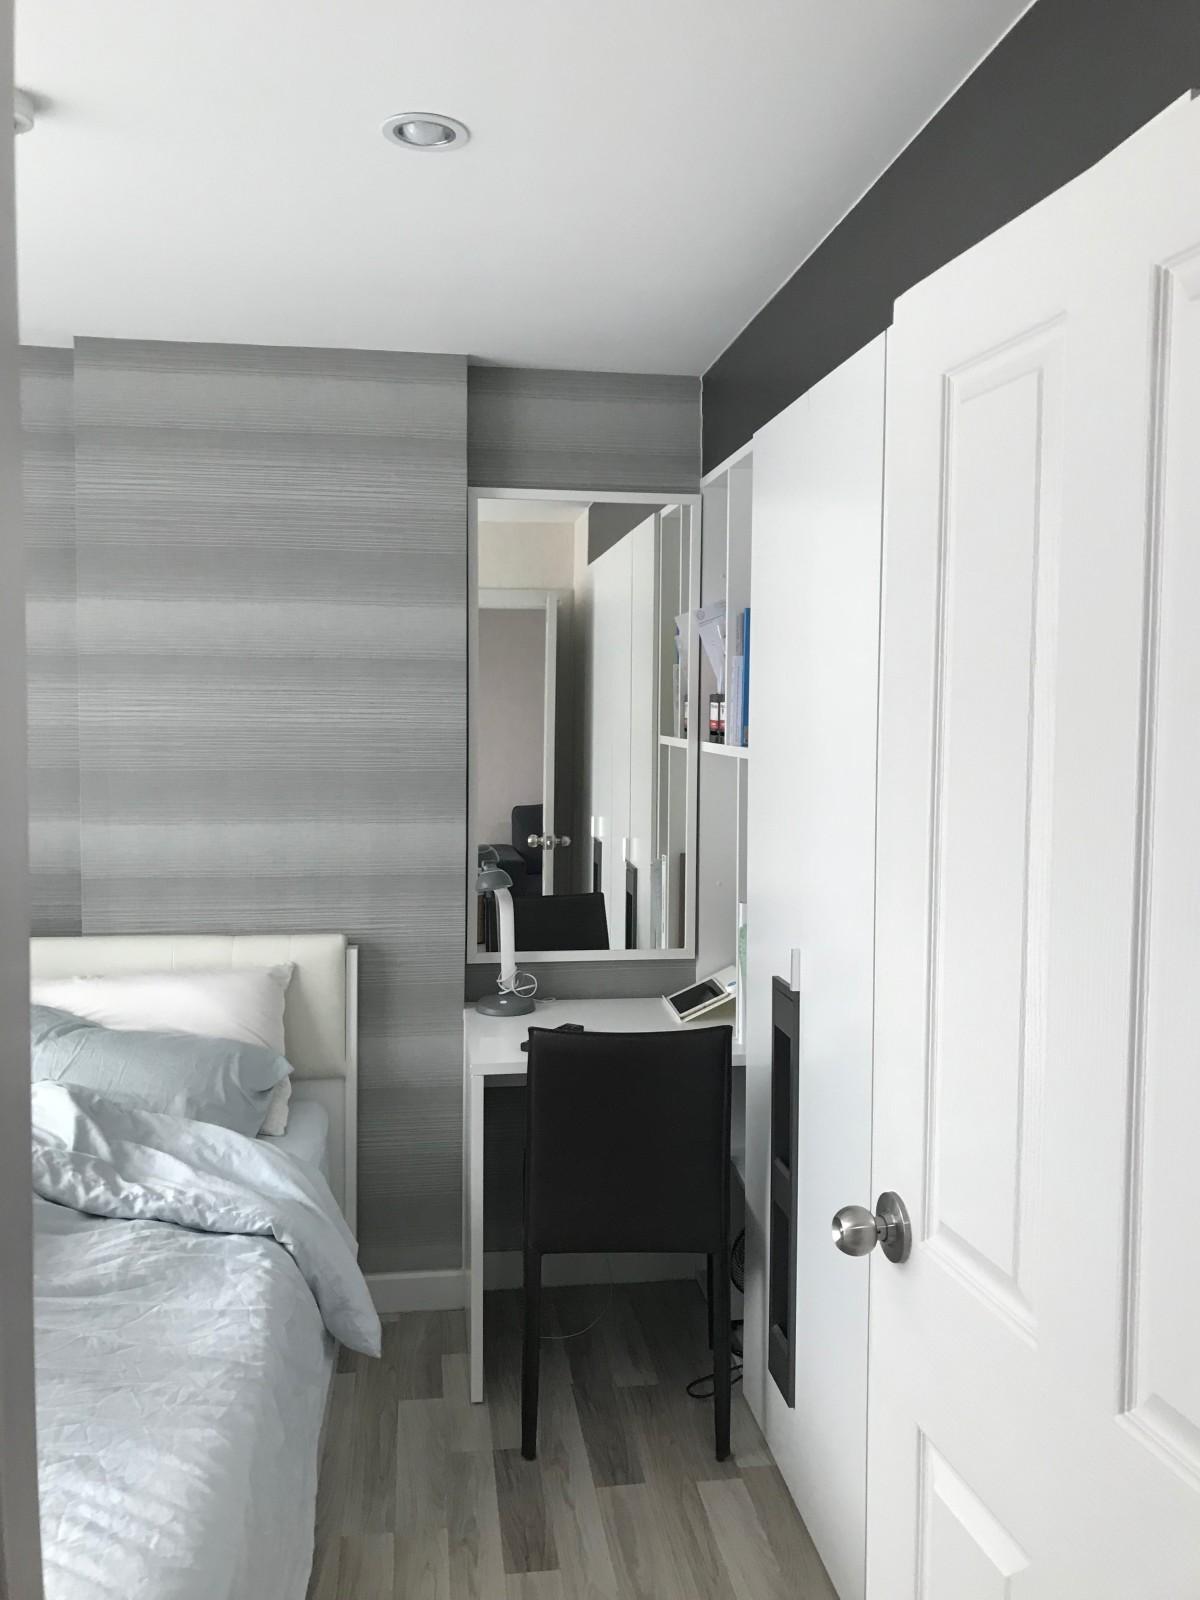 รูปของประกาศขายคอนโดเดอะ คิวบ์ พลัส แจ้งวัฒนะ(1 ห้องนอน)(2)